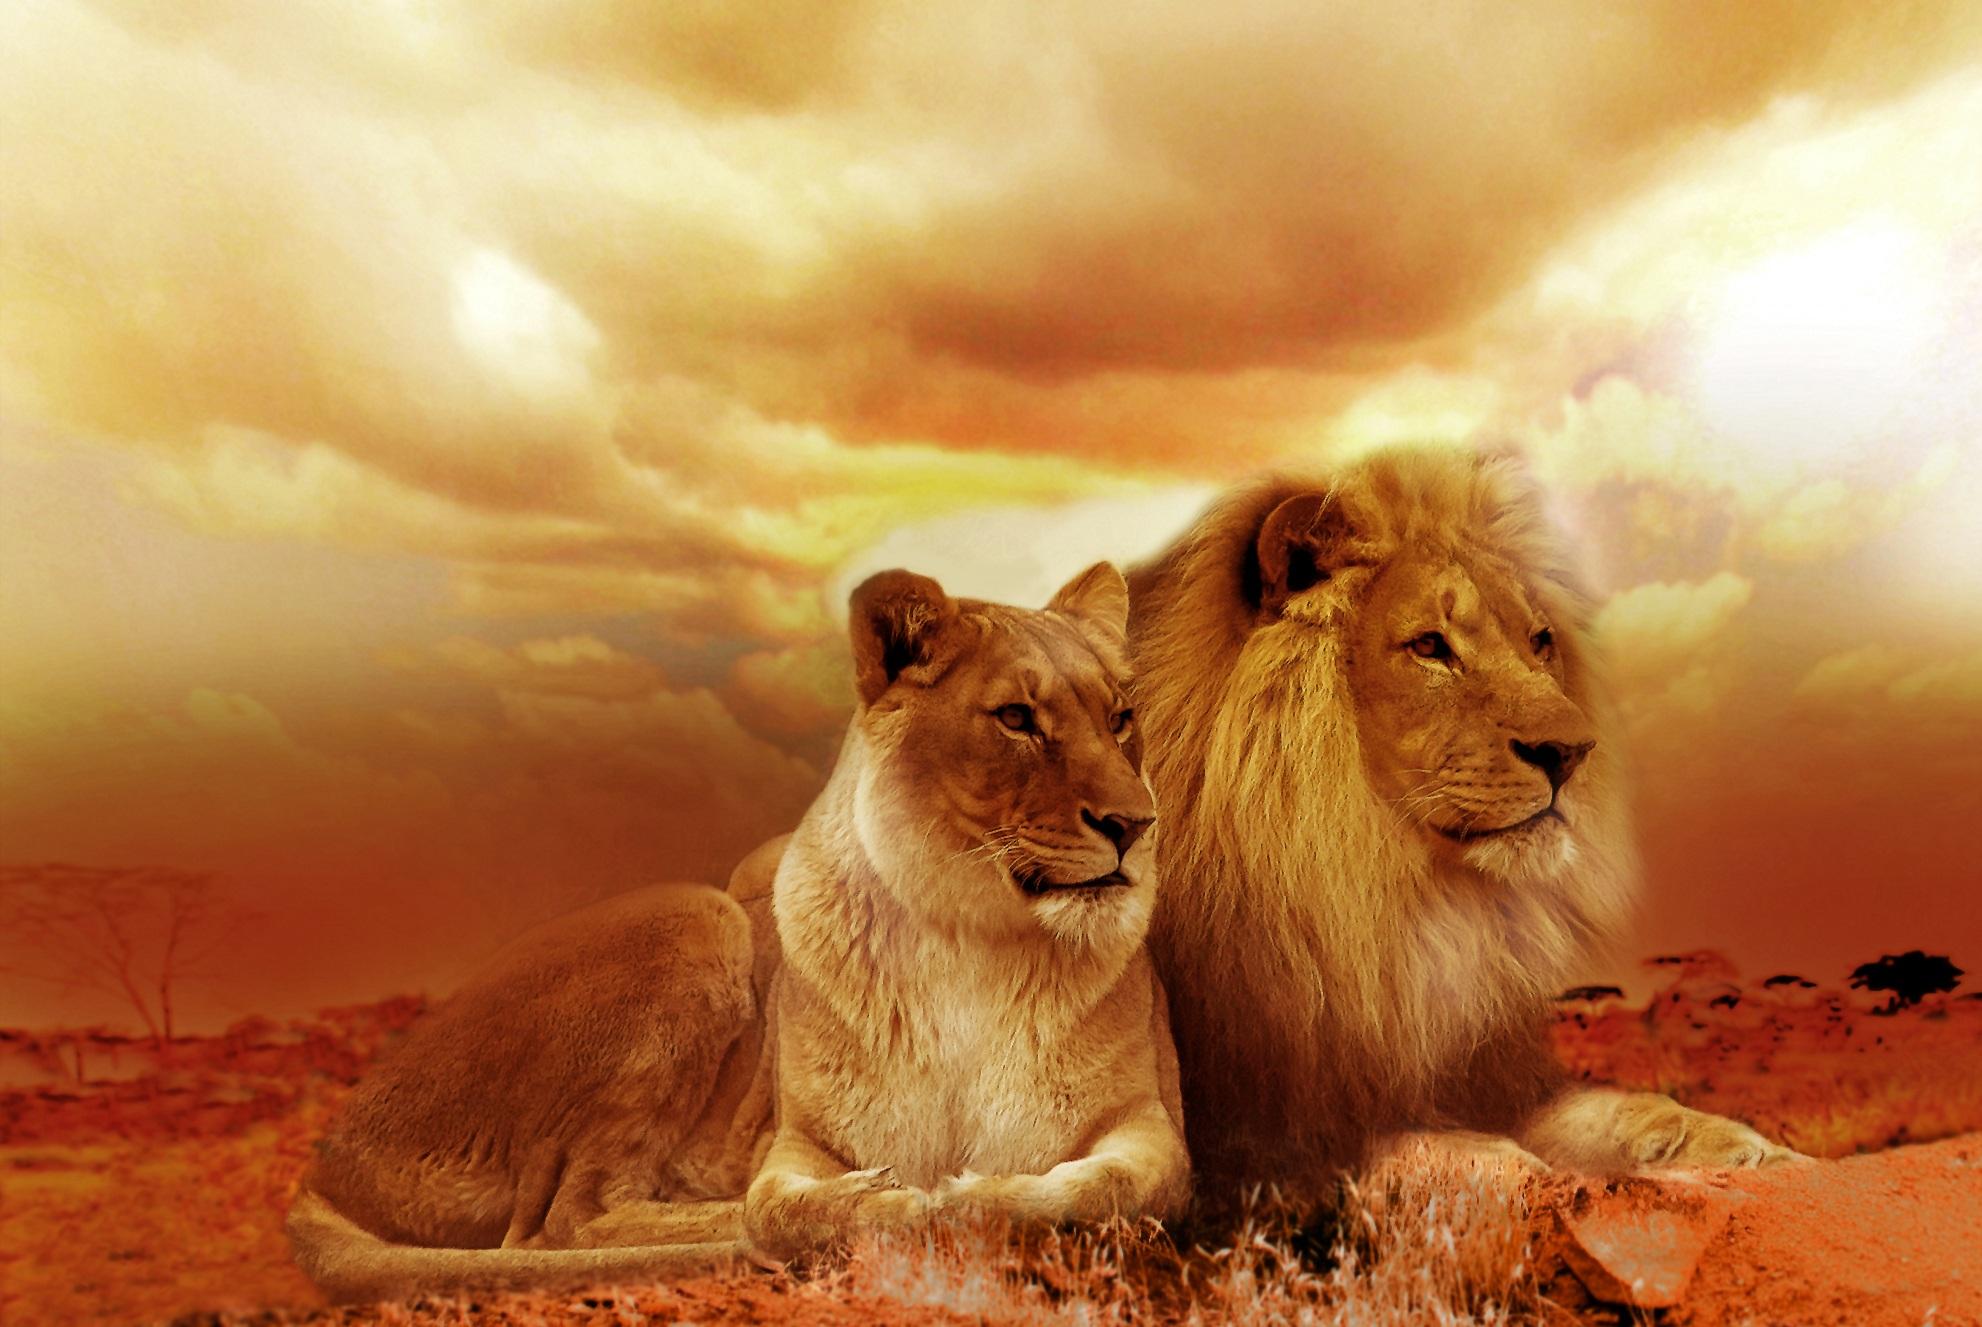 عکس حیوانات برای پروفایل ؛ عکس پروفایل حیوانات زیبا در طبیعت